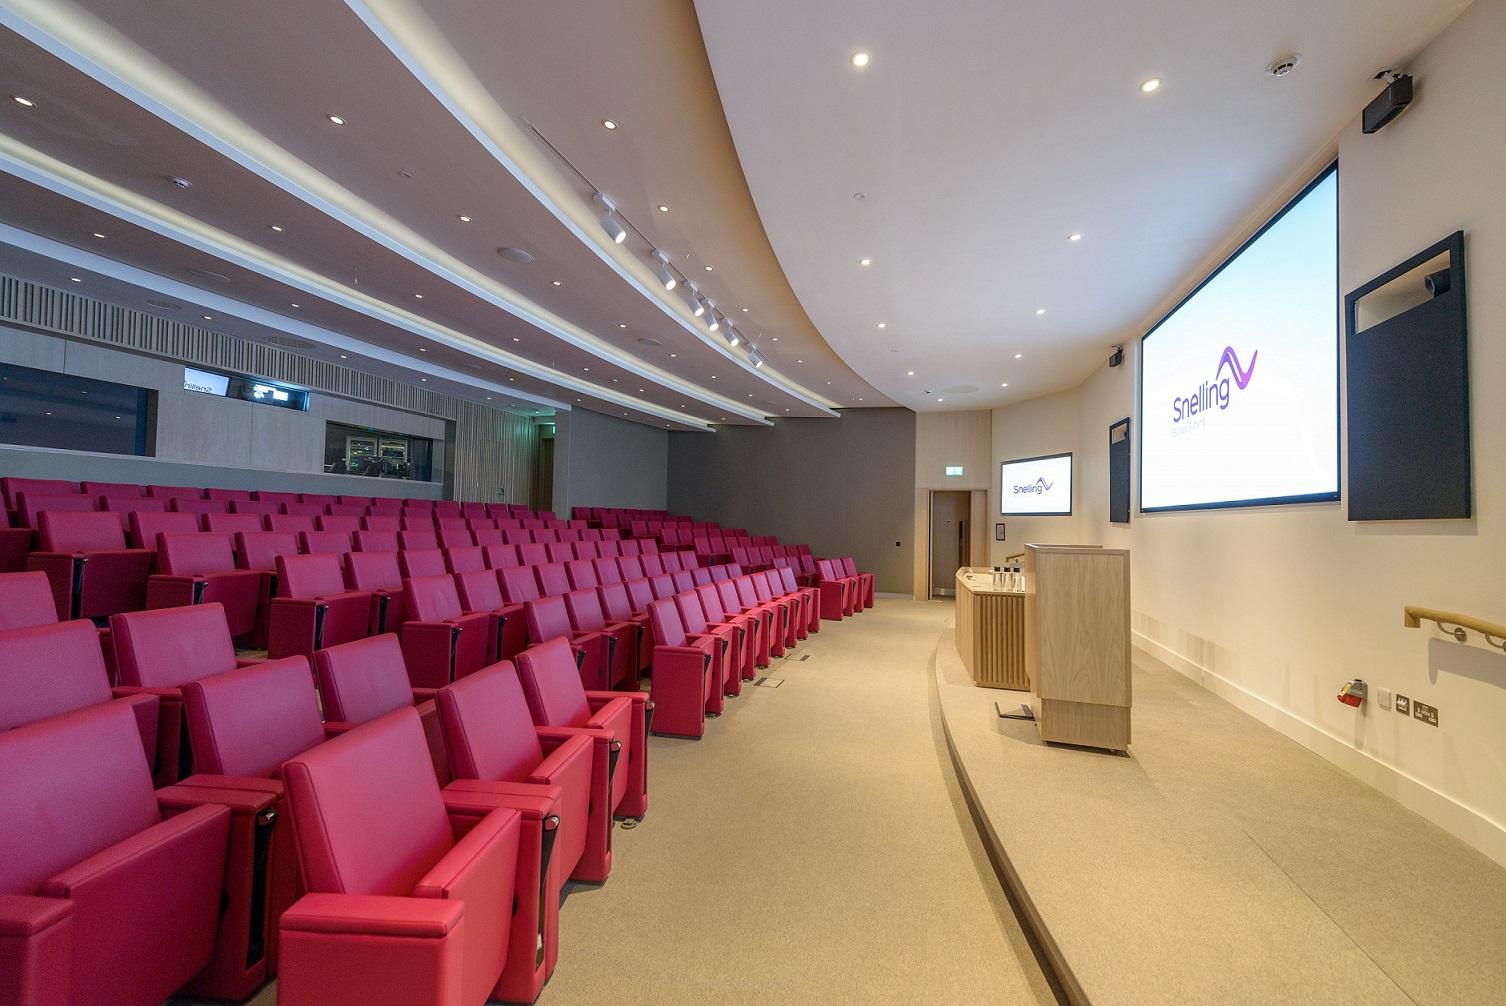 Lecture Theatre | Audio Visual | Design Integration Installation